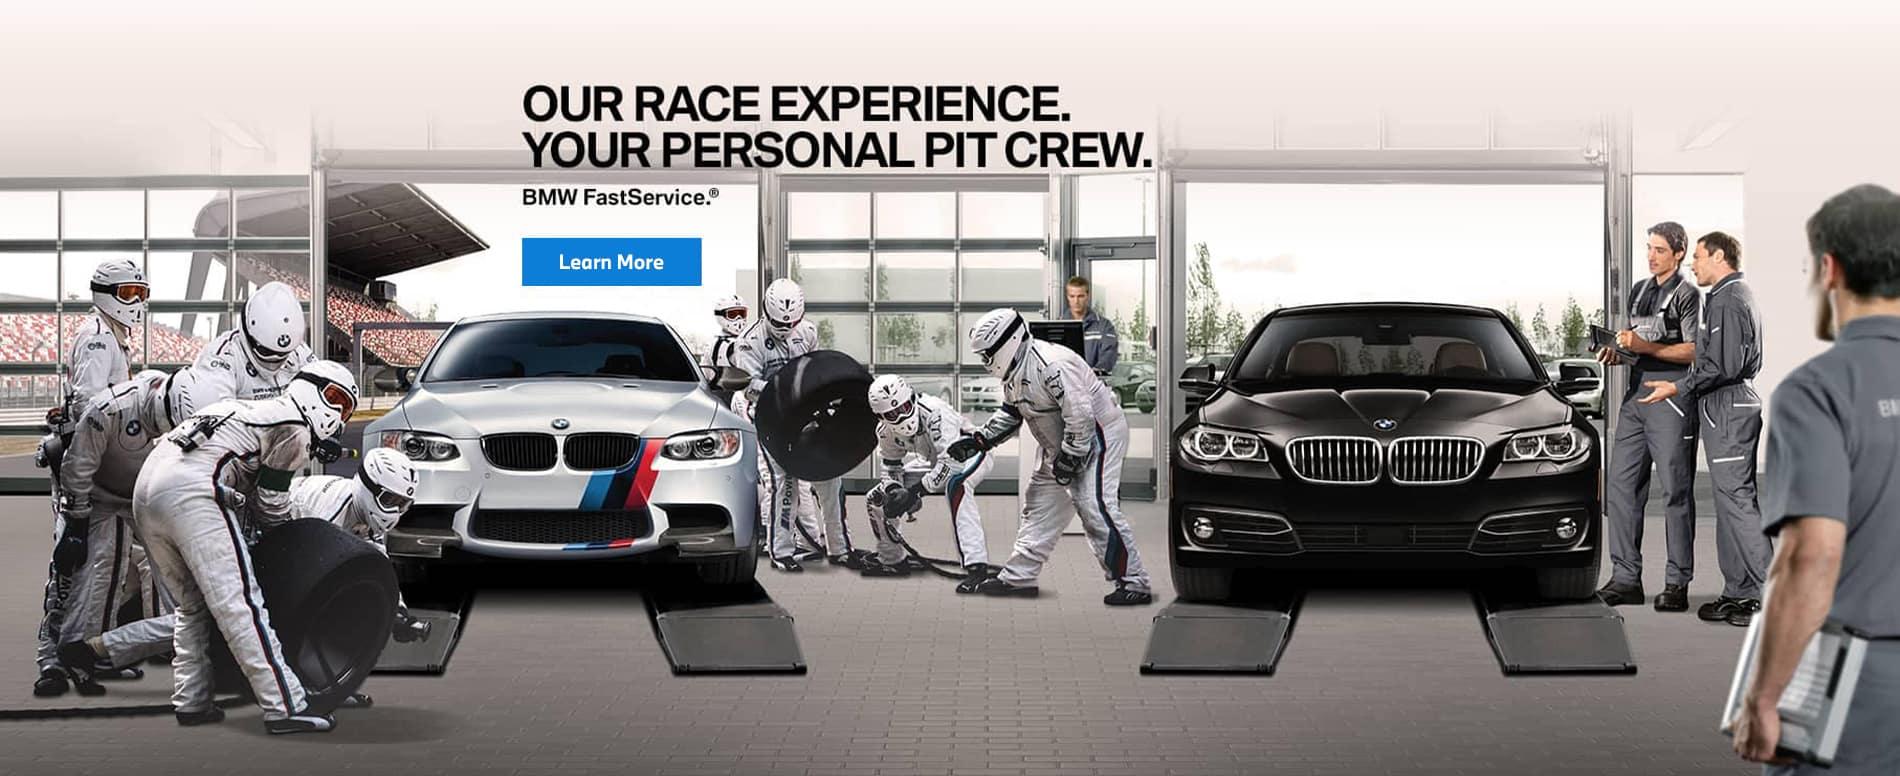 BMW_AC_FastService_Slide_1900x776_ComplianceUpdate_09-21